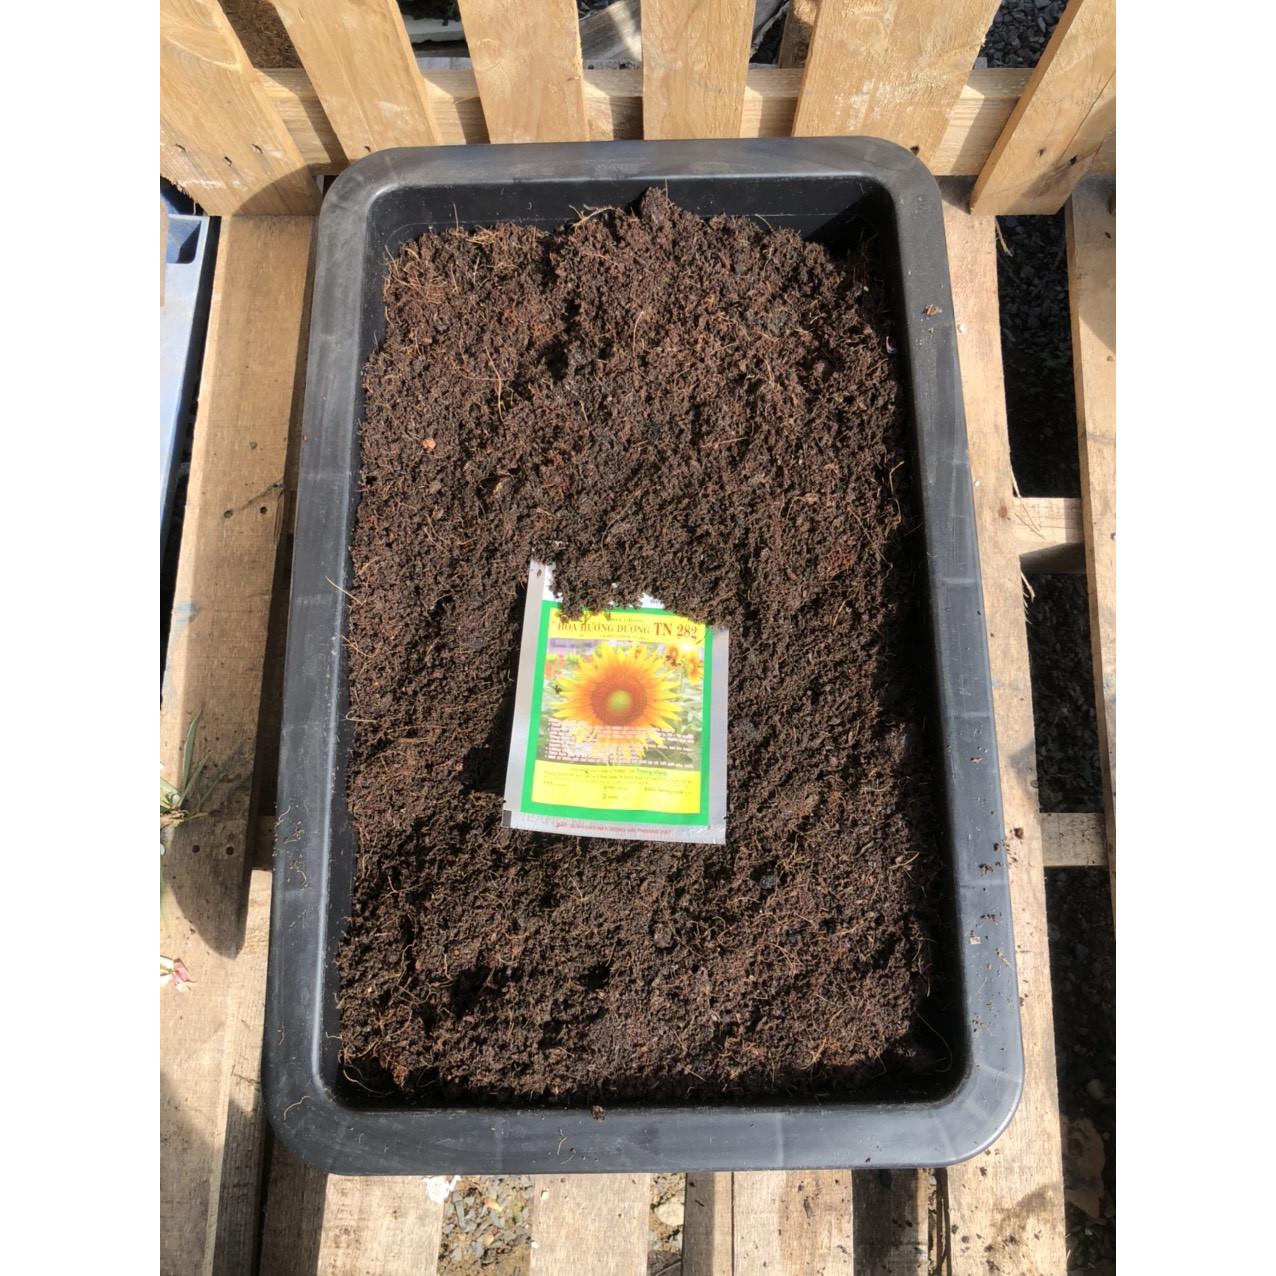 Dụng cụ trồng Hoa Hướng Dương gồm: 25dm3 đất sạch giàu dinh dưỡng, khay trồng, 5 gam hạt giống